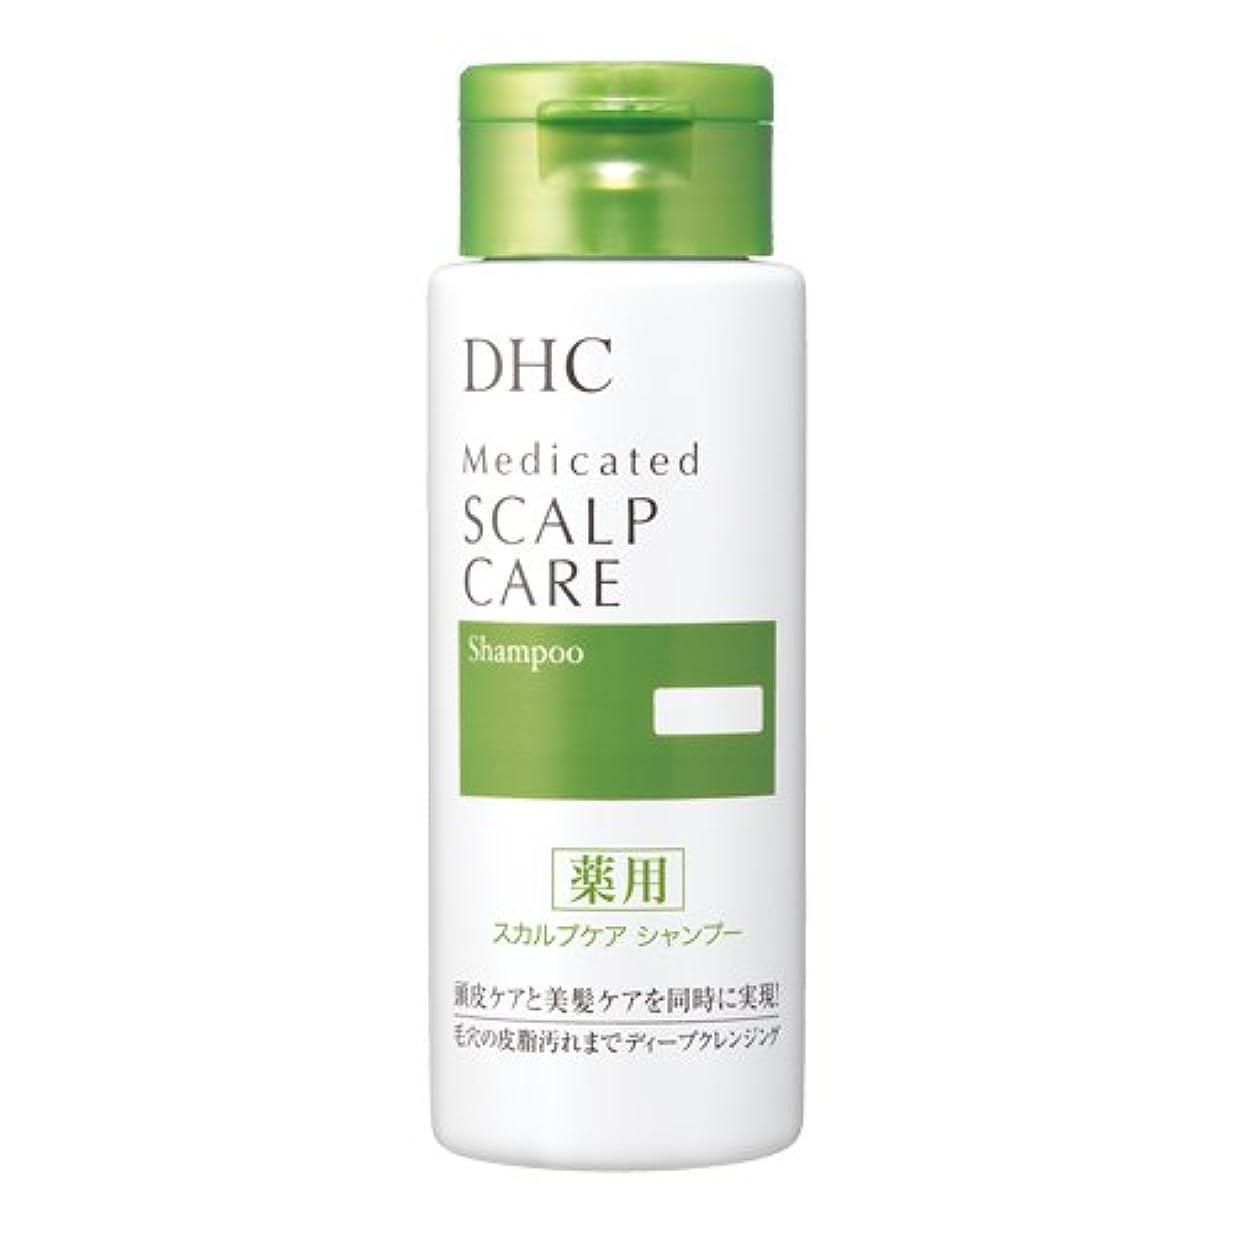 【医薬部外品】DHC薬用スカルプケア シャンプー<ミニ>